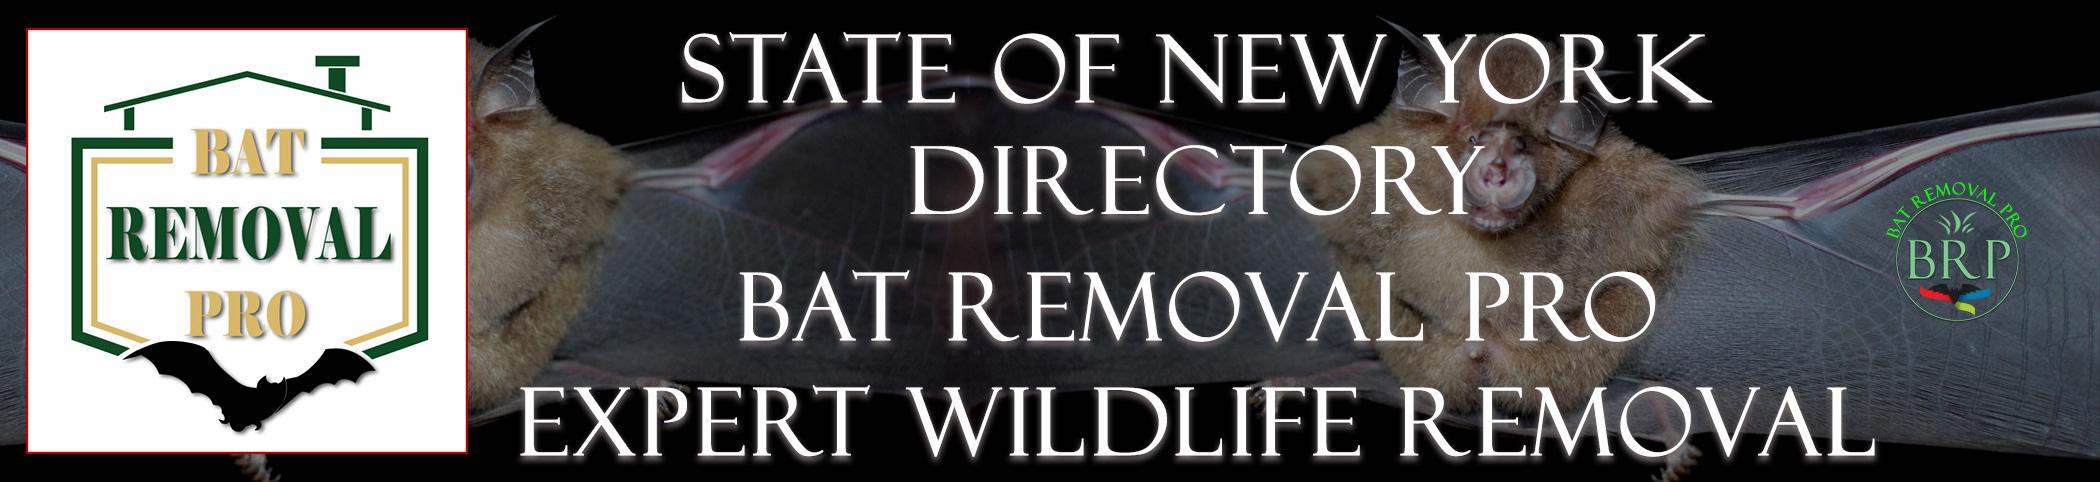 NEW-YORK-bat-removal-at-bat-removal-pro-header-image